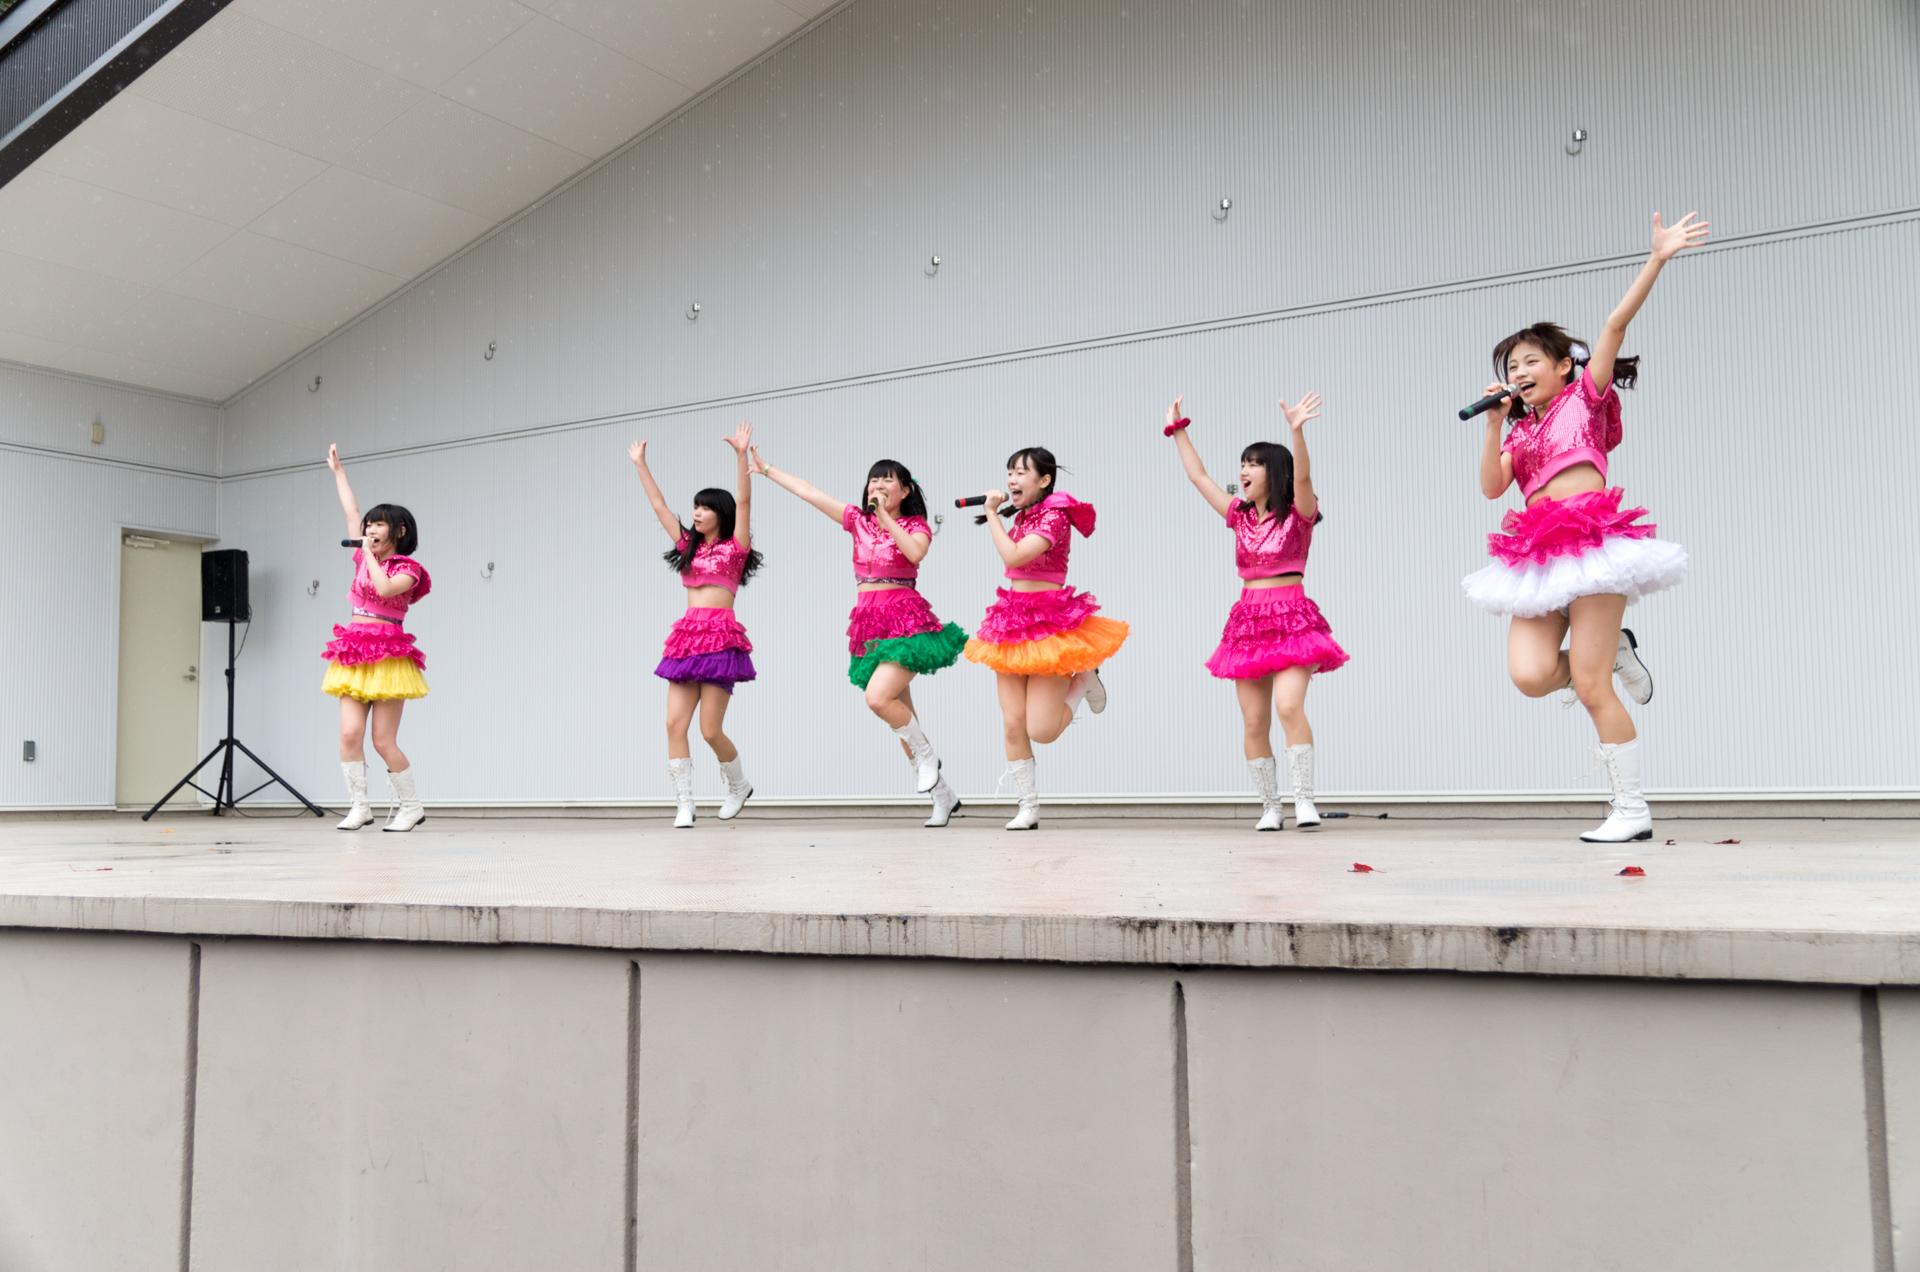 2代目HAPPY少女♪ | アイドルライブ in 円山動物園